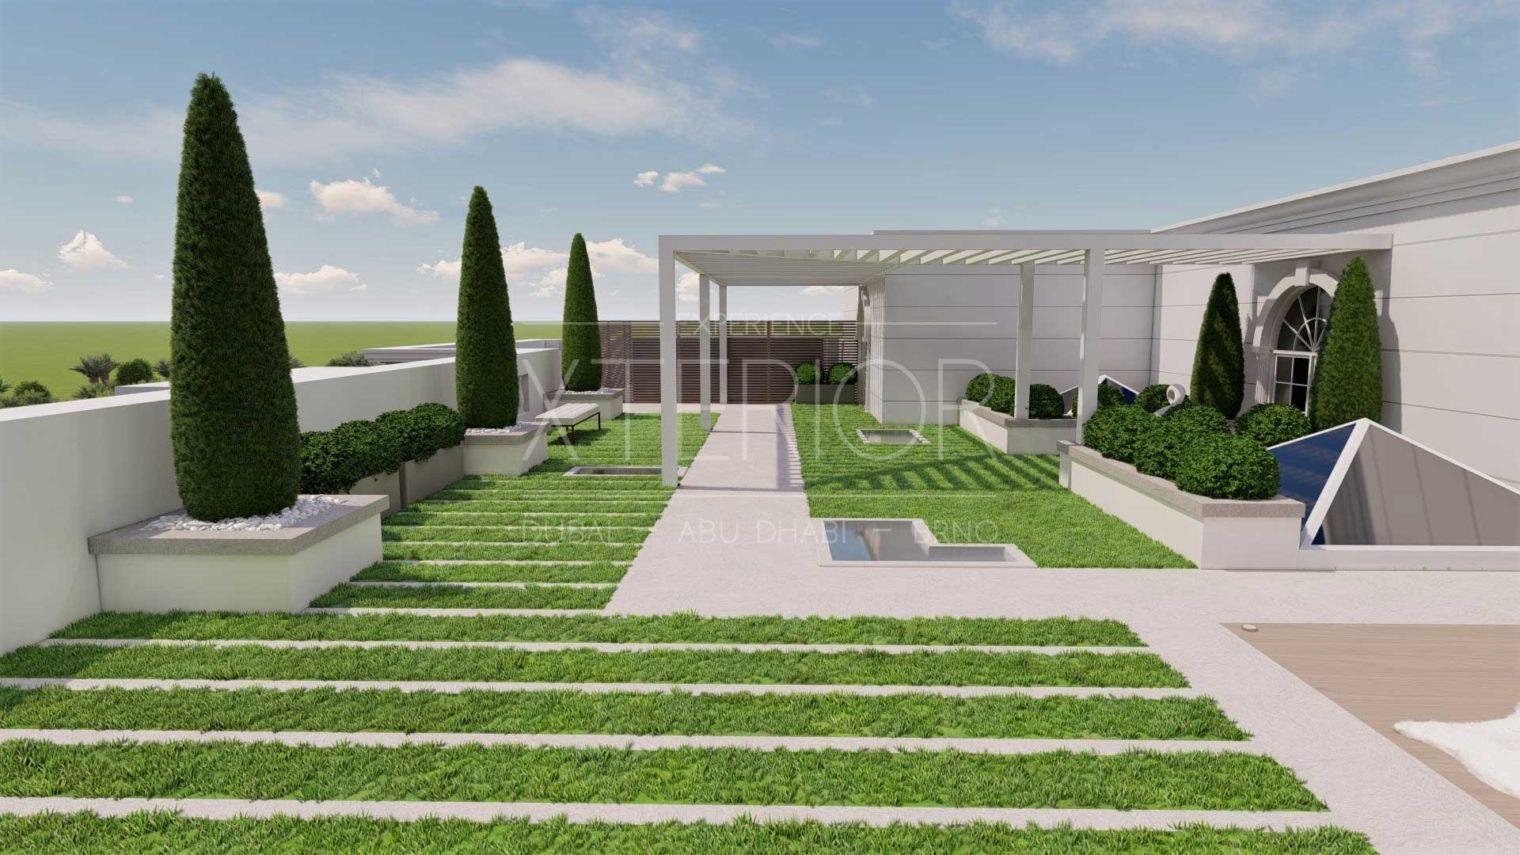 UMM AL SHEIF Landscape Design View